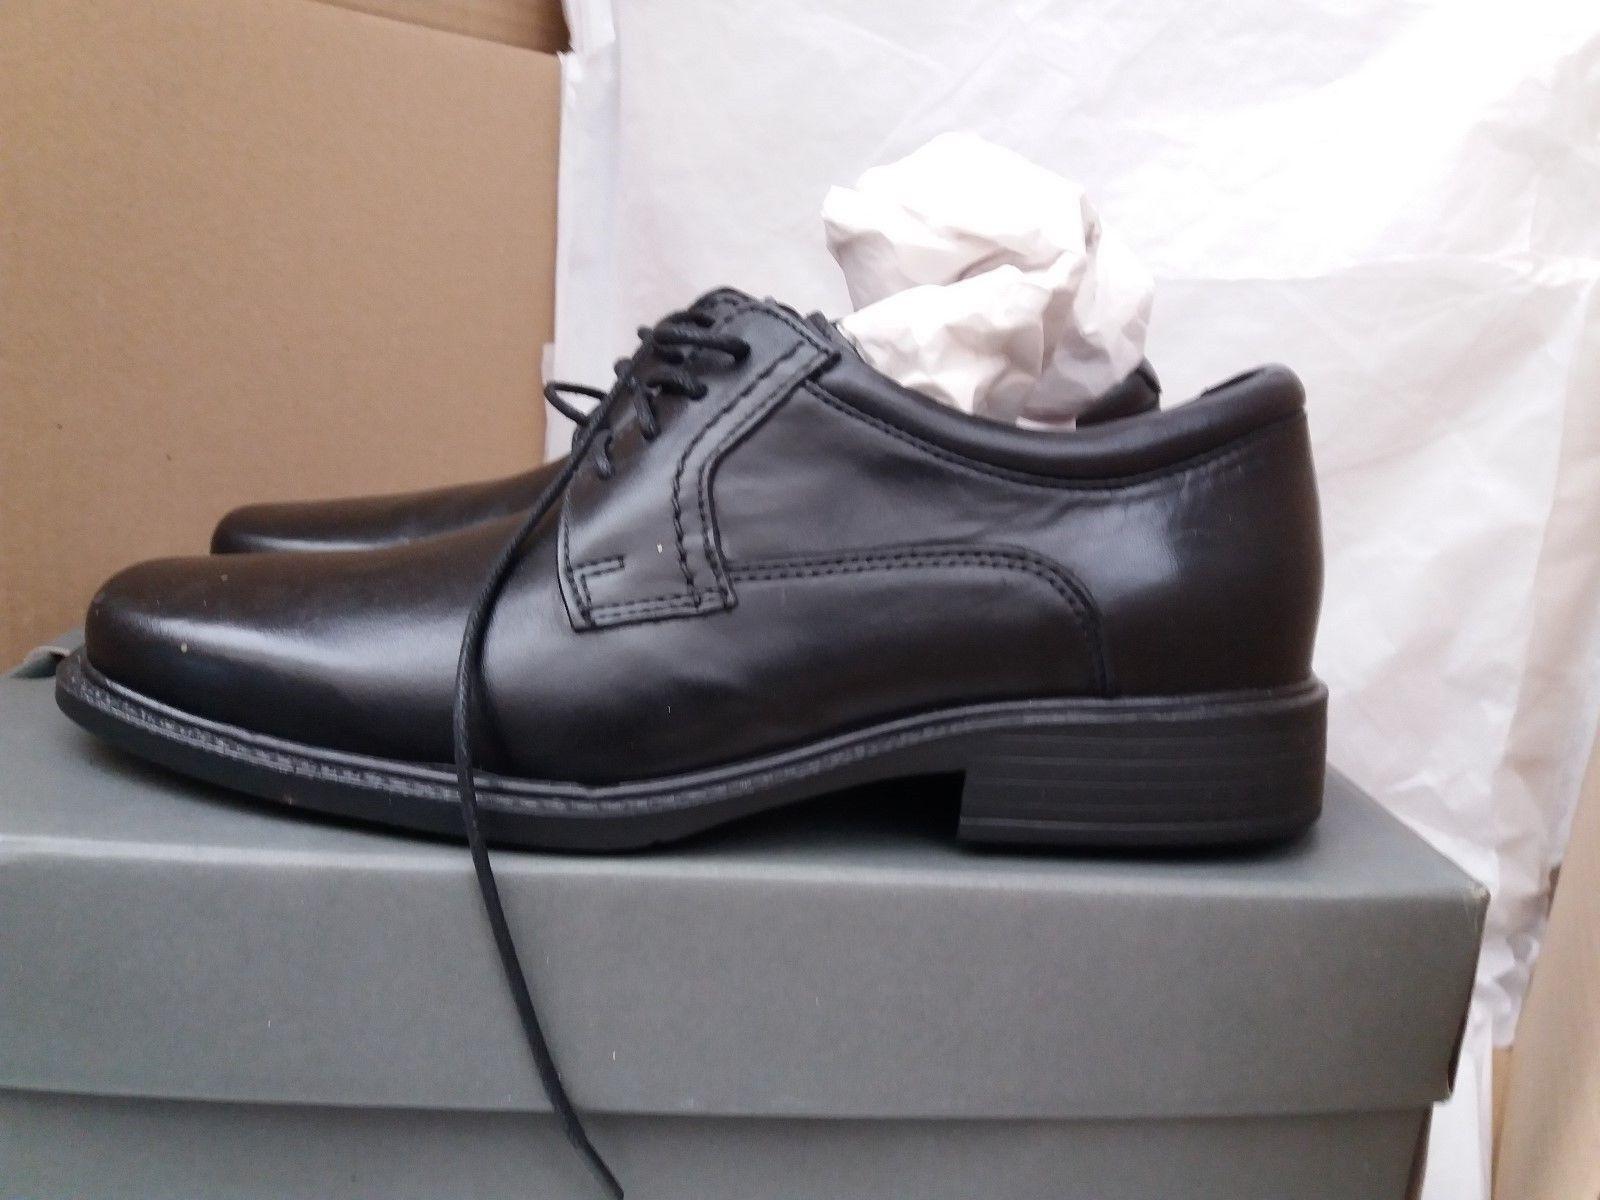 Casual salvaje Para hombres Cuero Negro De Magnesio Con Cordones Zapatos De Calce Ancho Hush Puppies